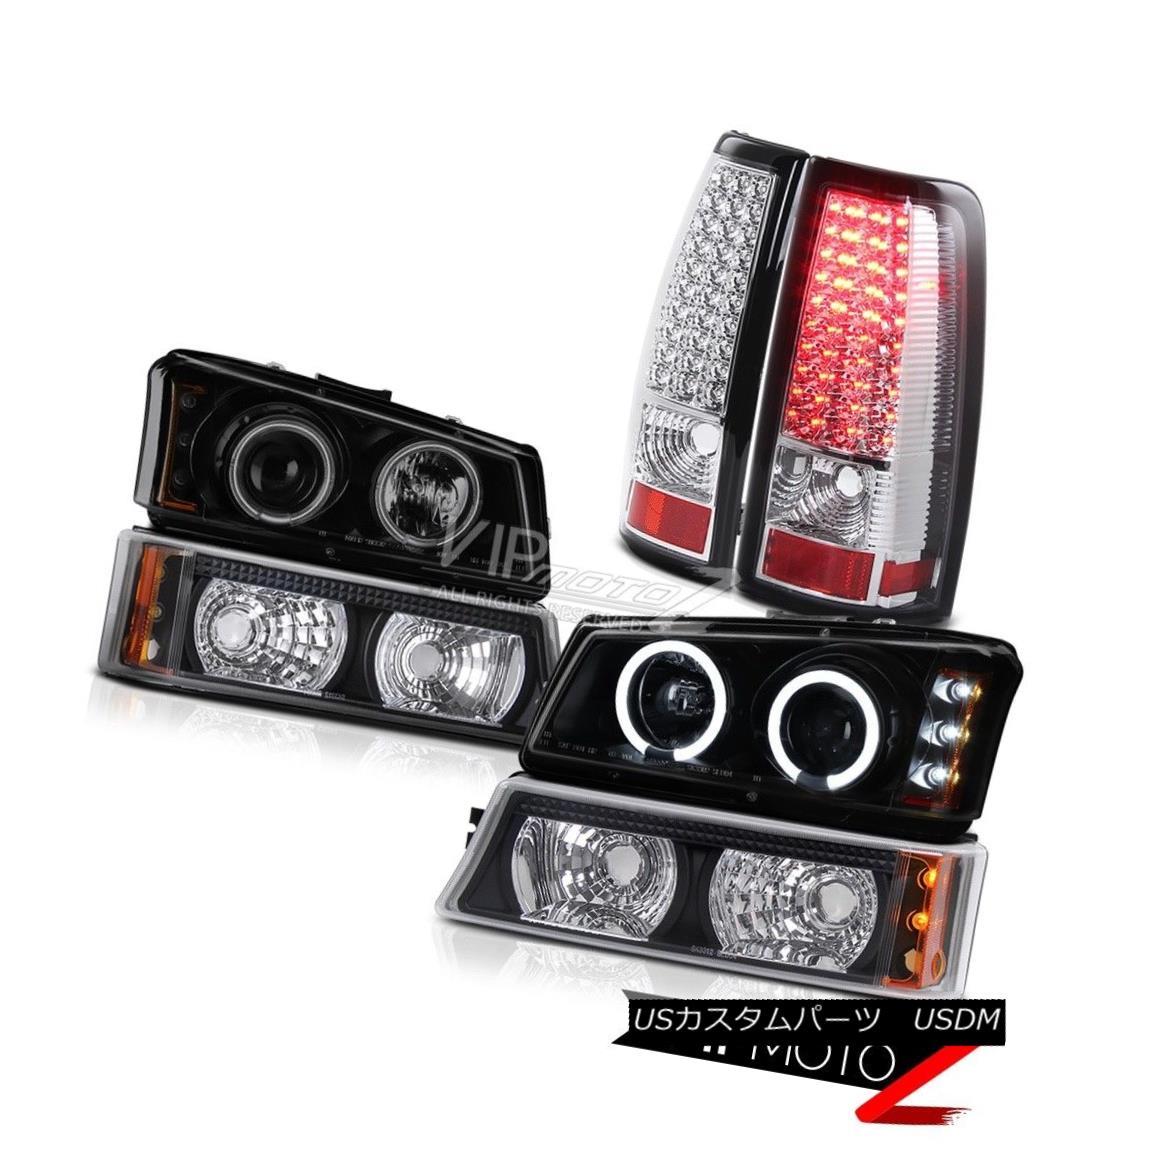 ヘッドライト CCFL Smoke Black Angel Eye Headlamp LED Taillamps 2003-2006 Silverado Vortec Max CCFLスモークブラックエンジェルアイヘッドランプLEDタイルランプ2003-2006 Silverado Vortec Max